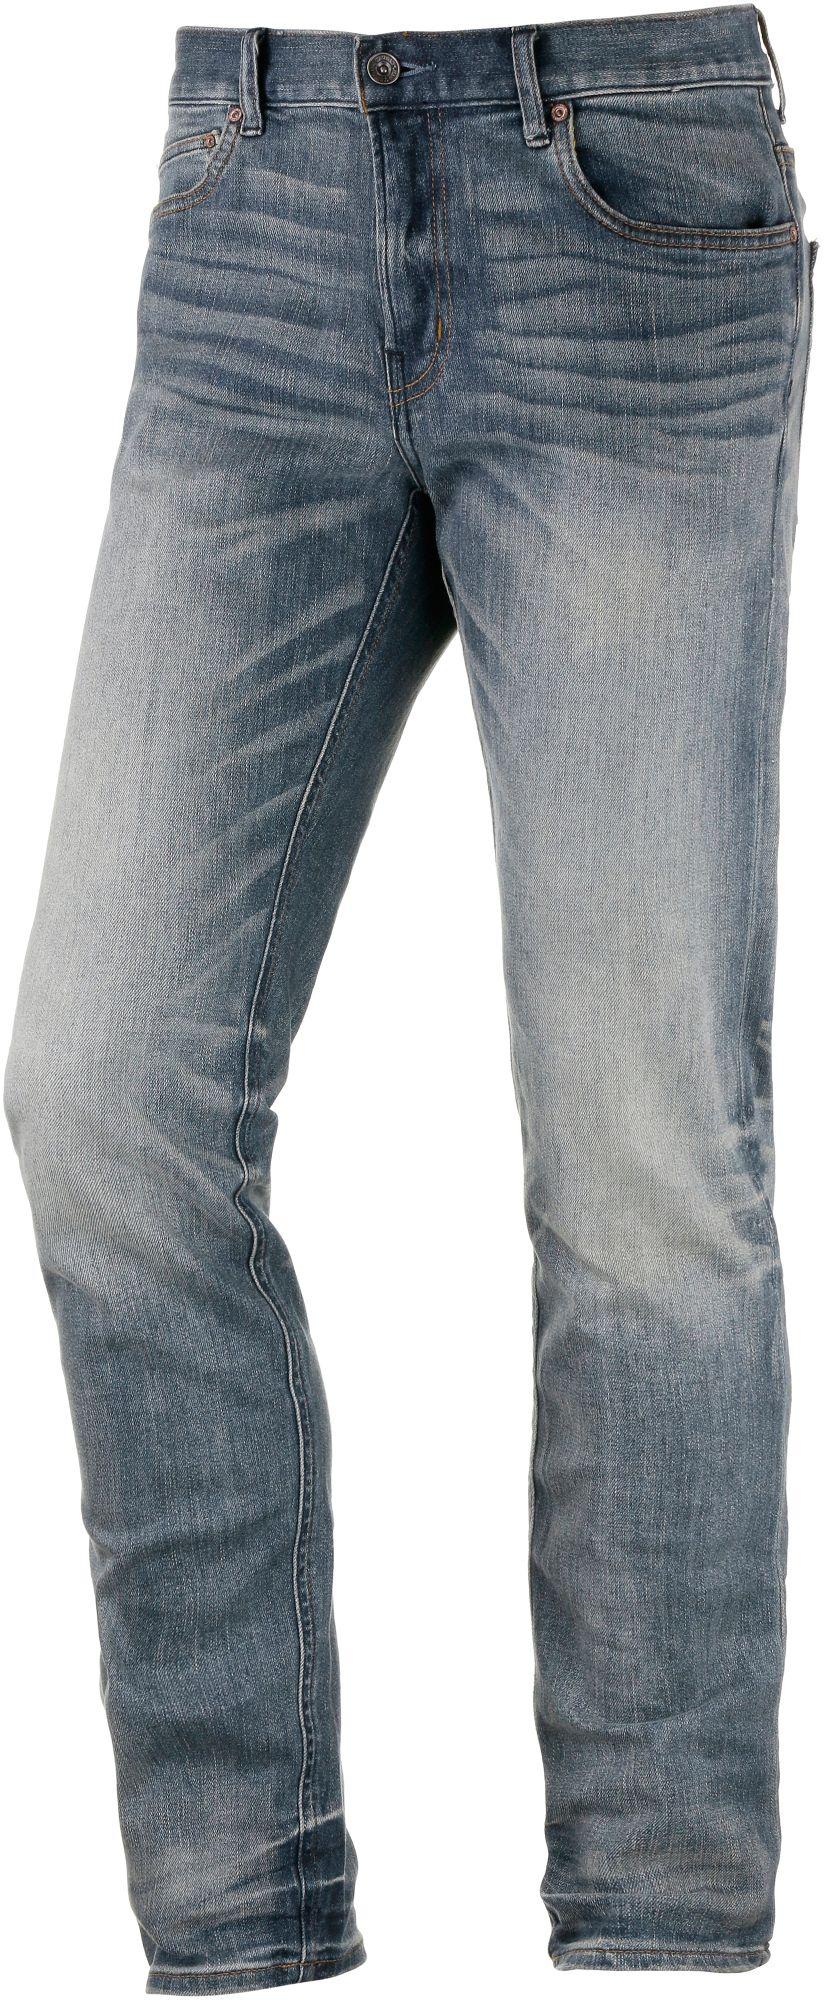 Alessandro Slim Fit Jeans Herren mehrfarbig, Größe 36 / 34